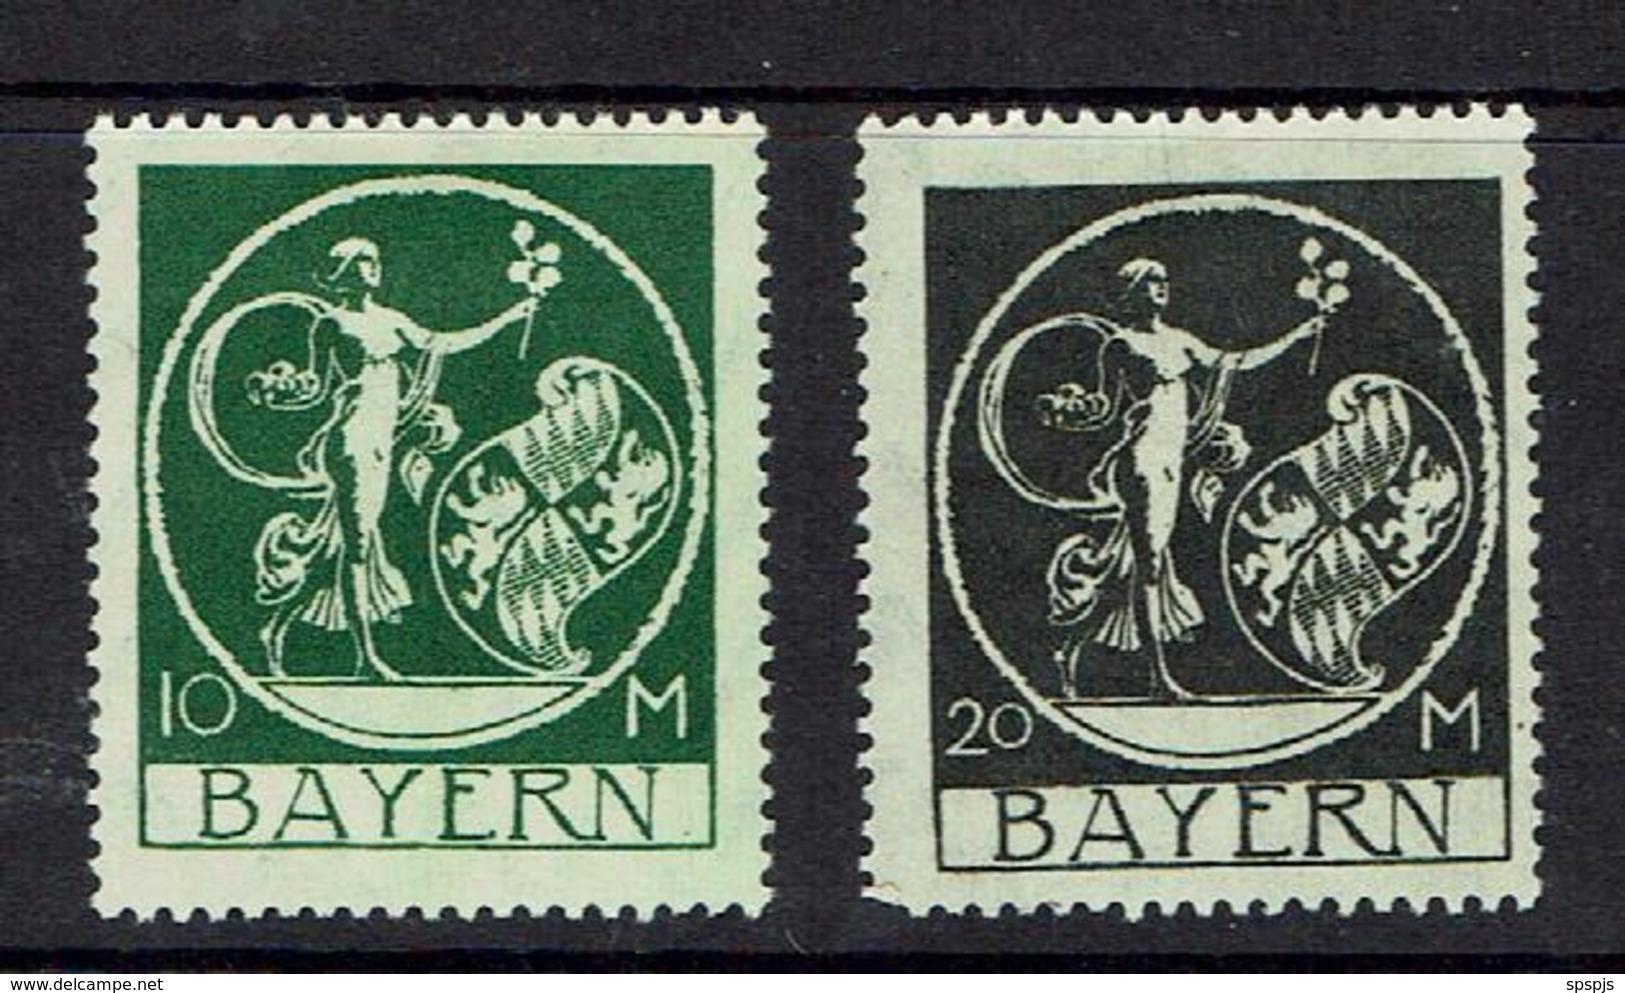 BAVARIA...1920 - Bavaria